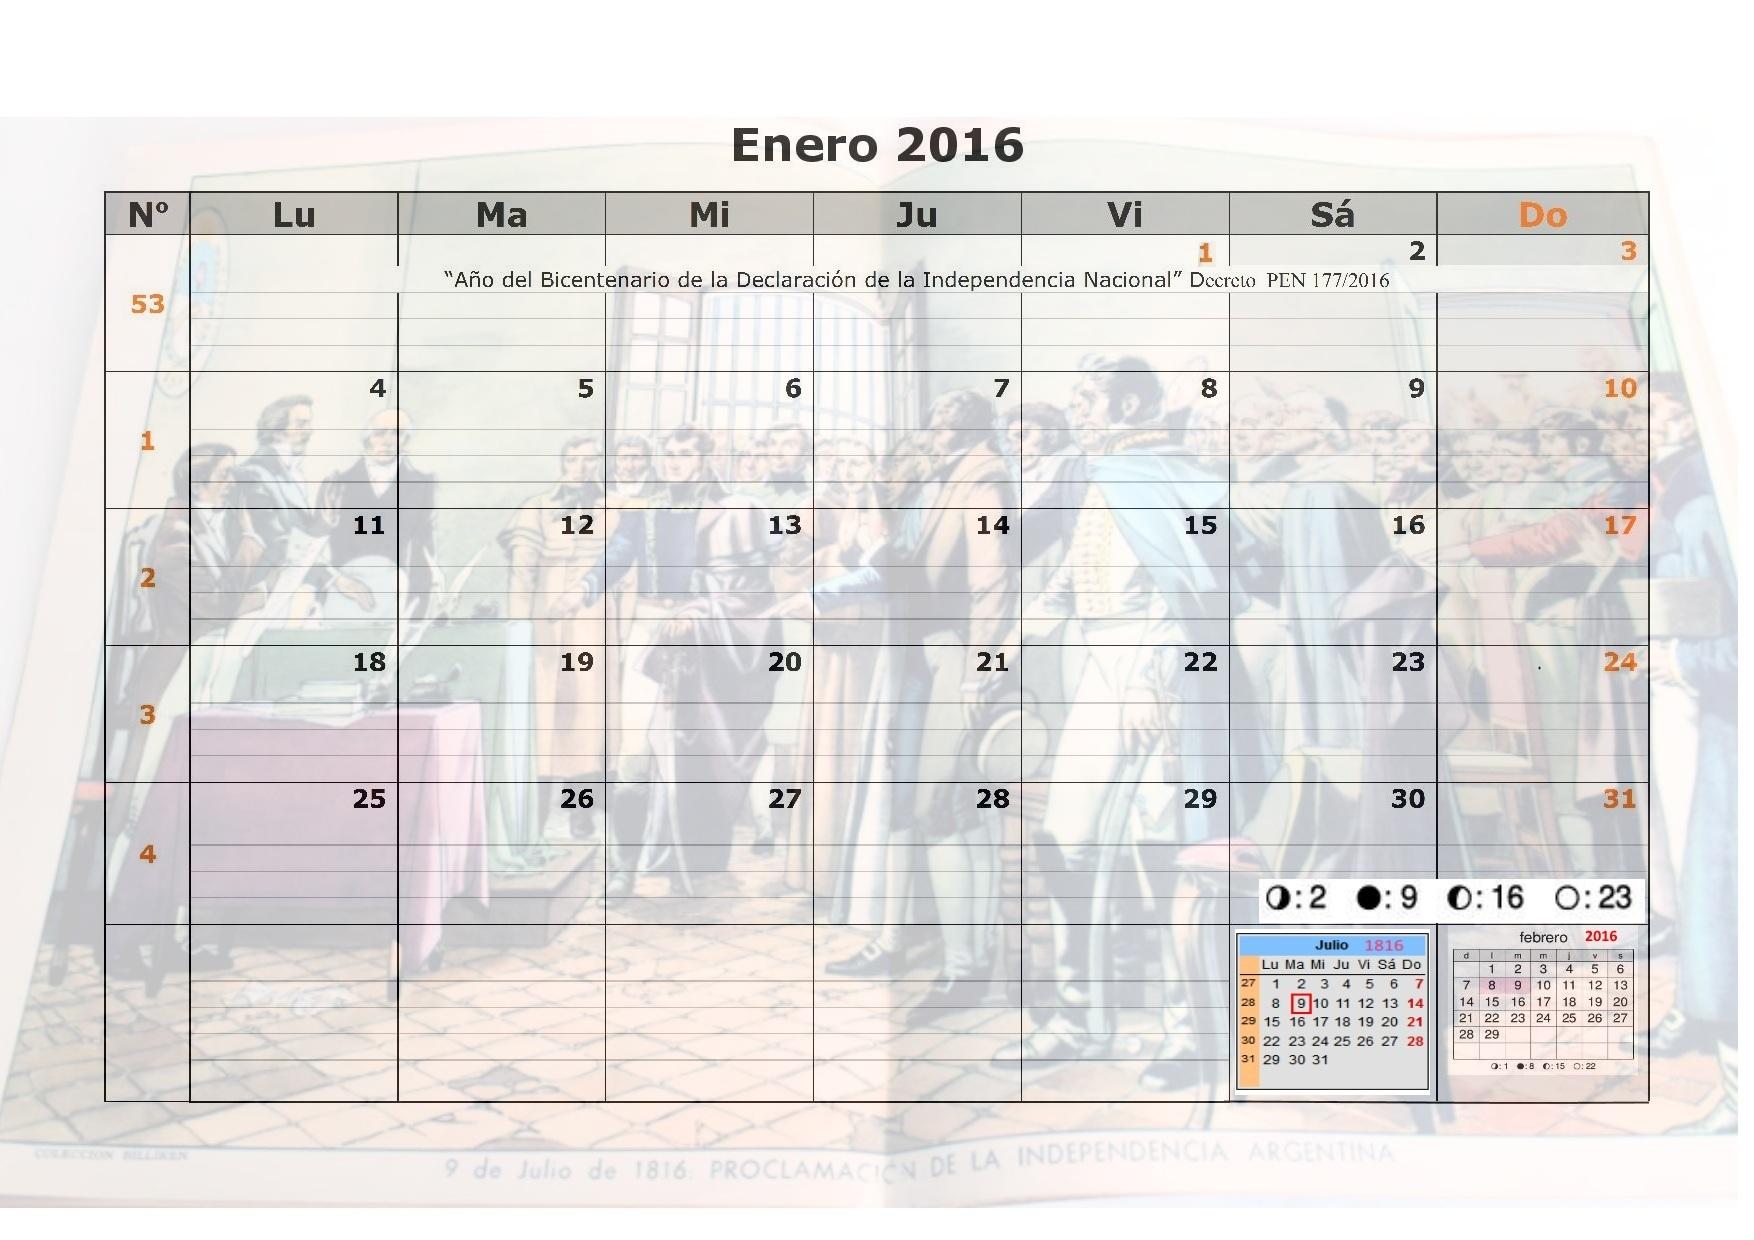 ENE 2016 CE